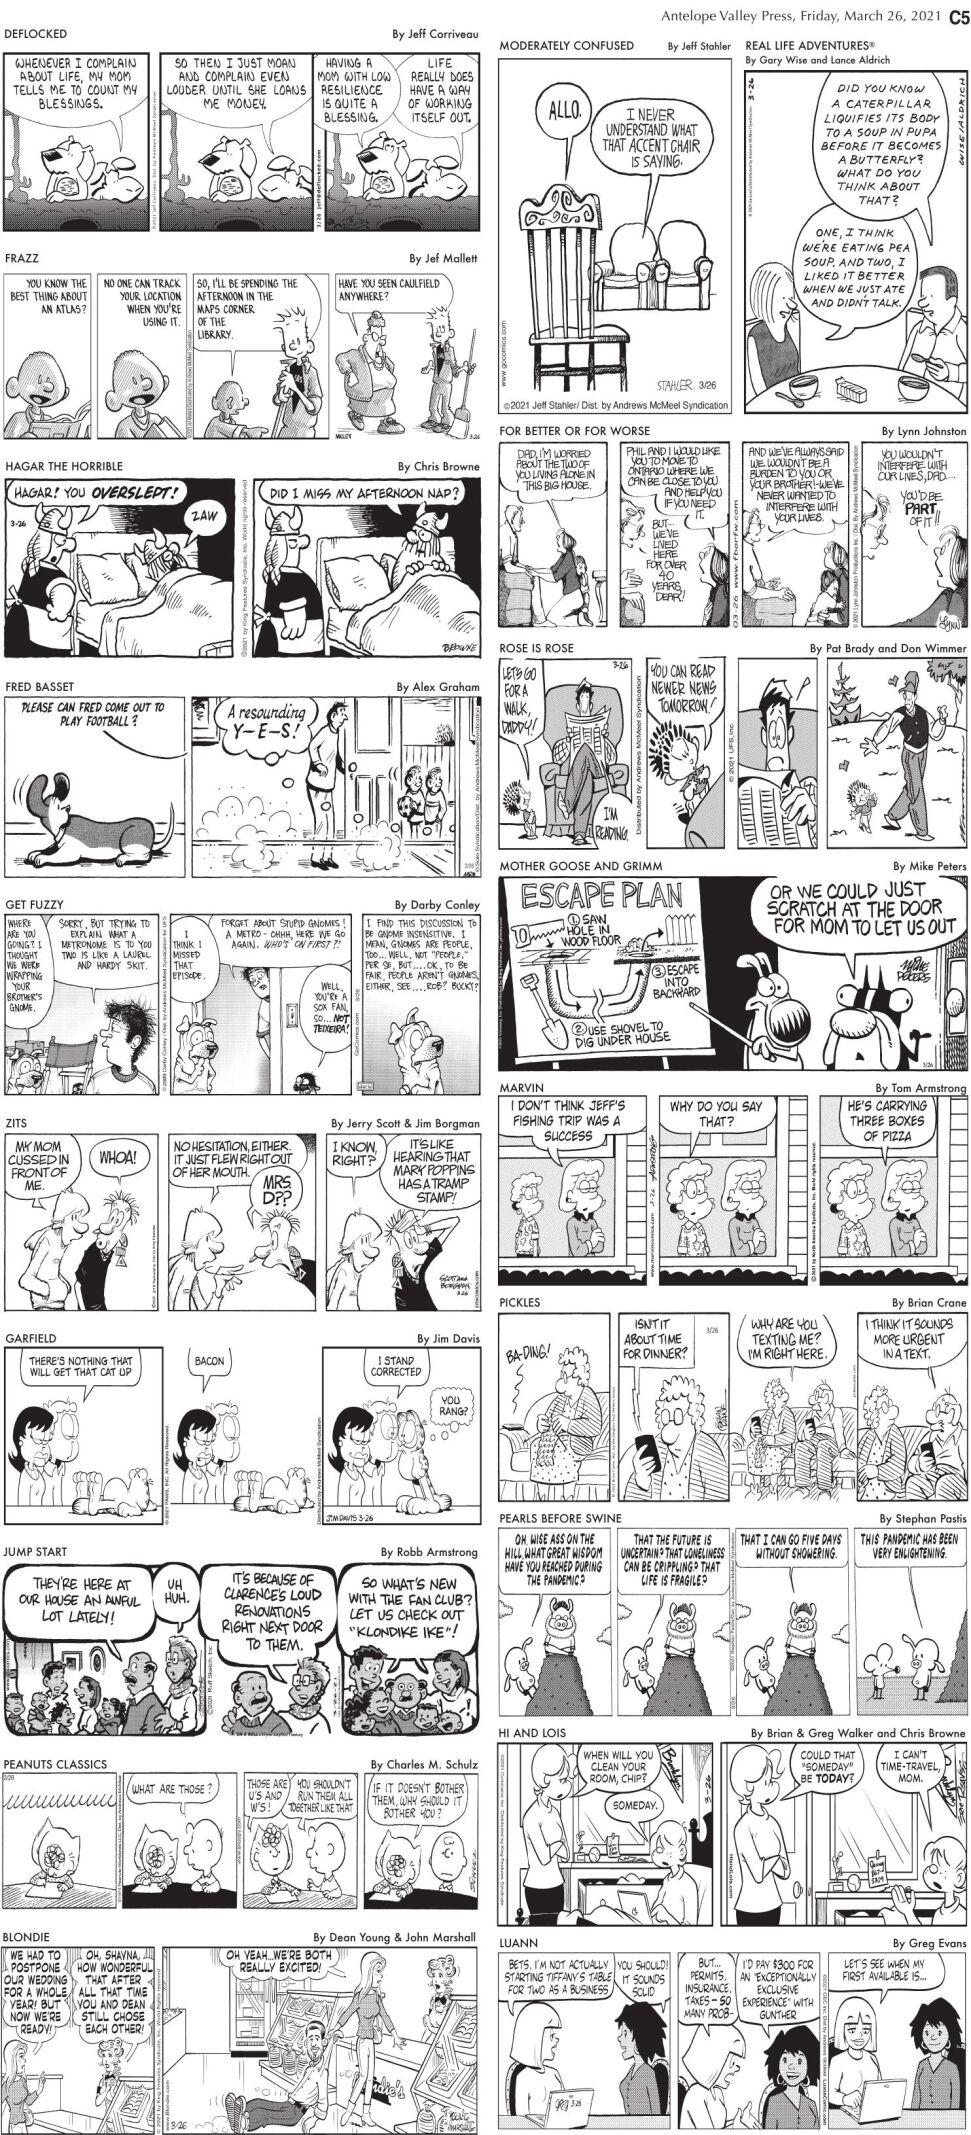 Comics, March 26, 2021